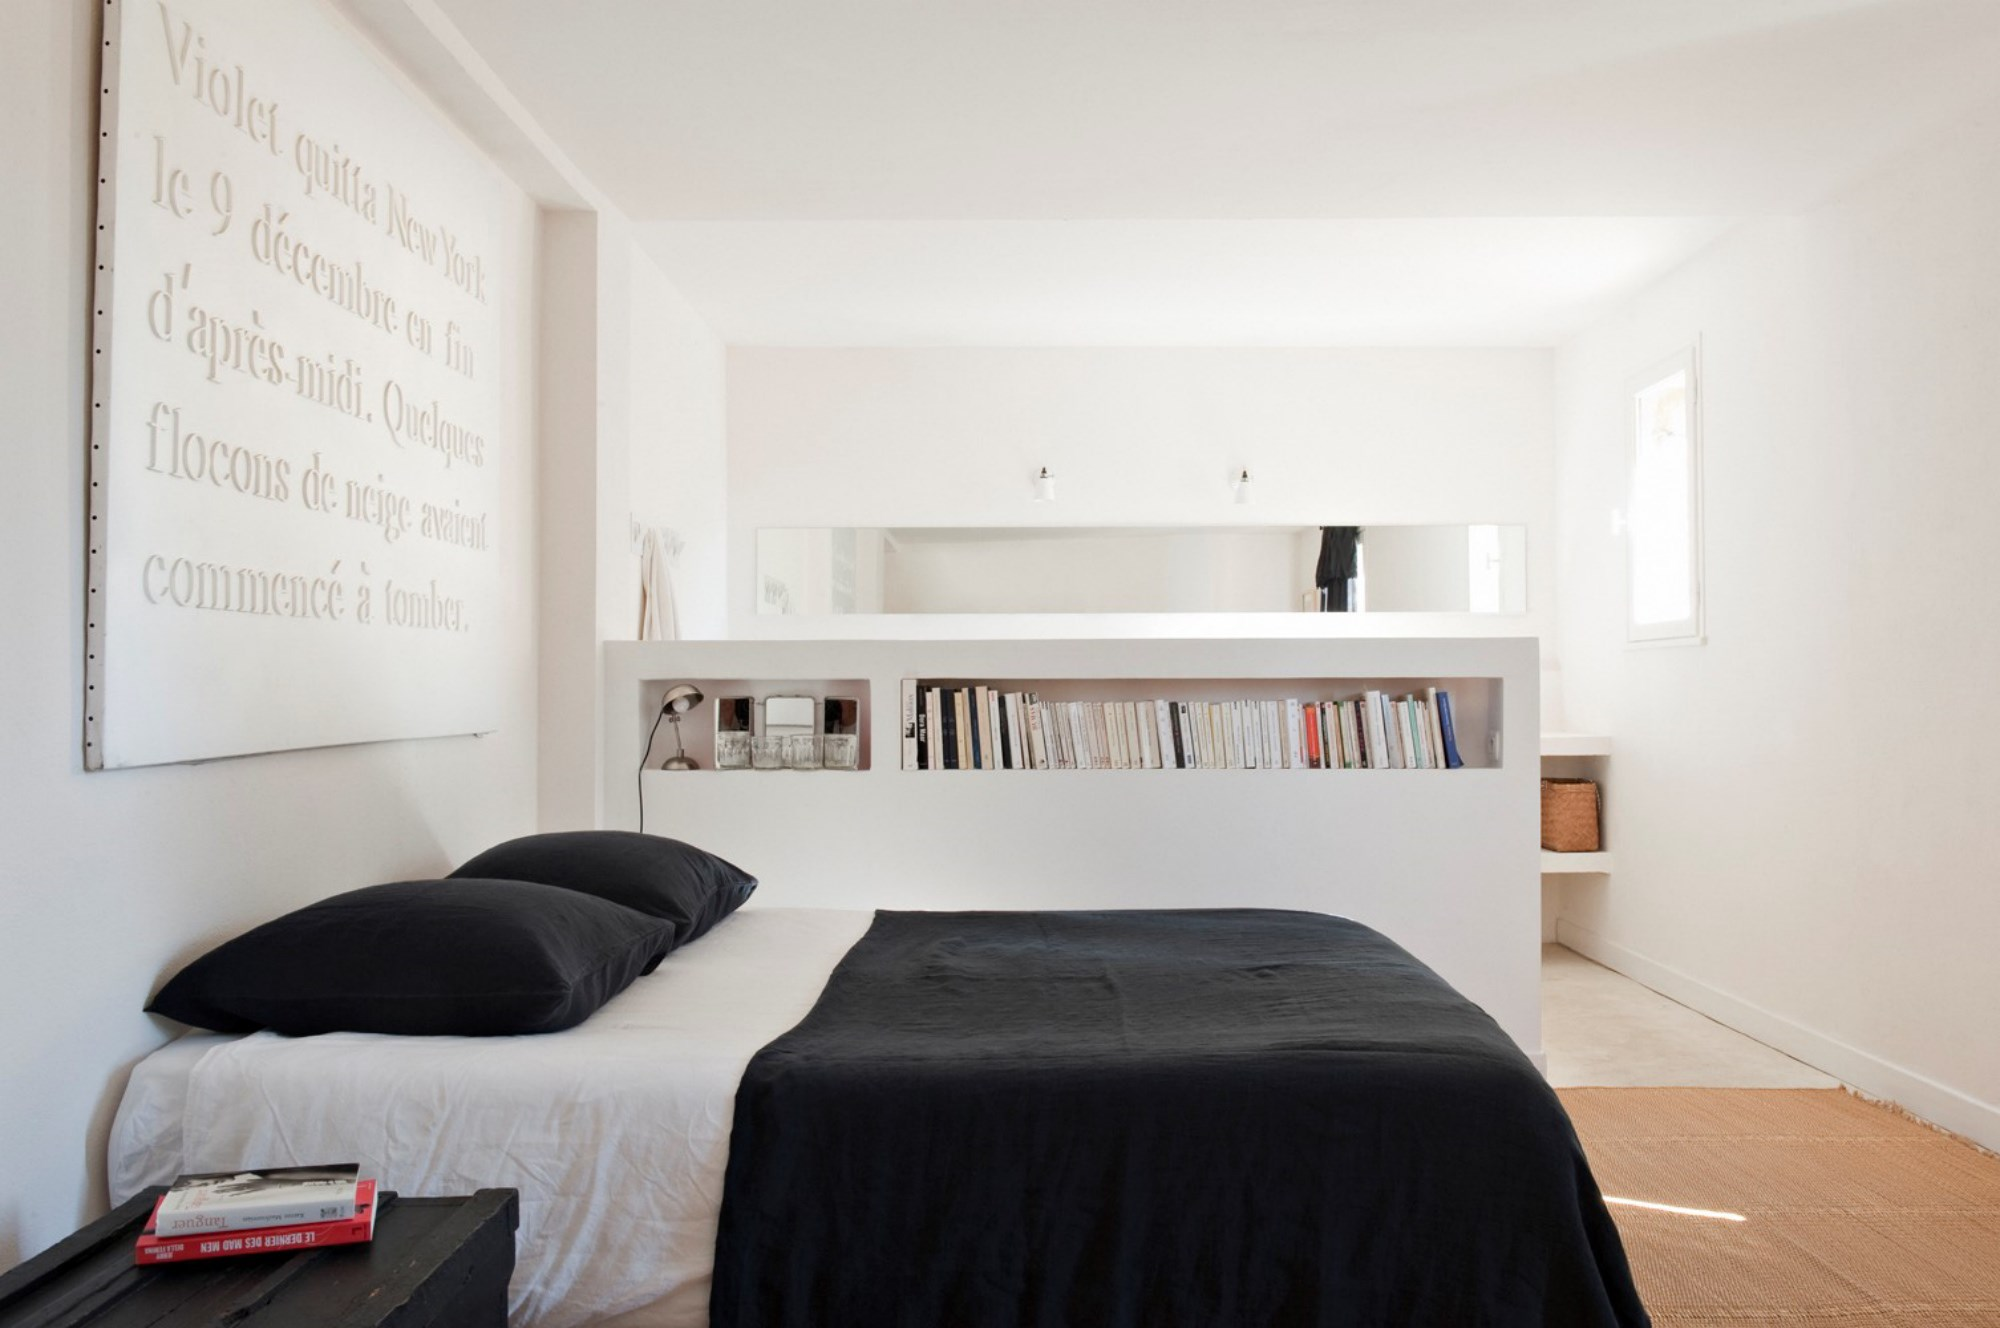 Ventes maison de charme avec int rieur contemporain vendre en luberon agence rosier - Photos d interieur de maison ...